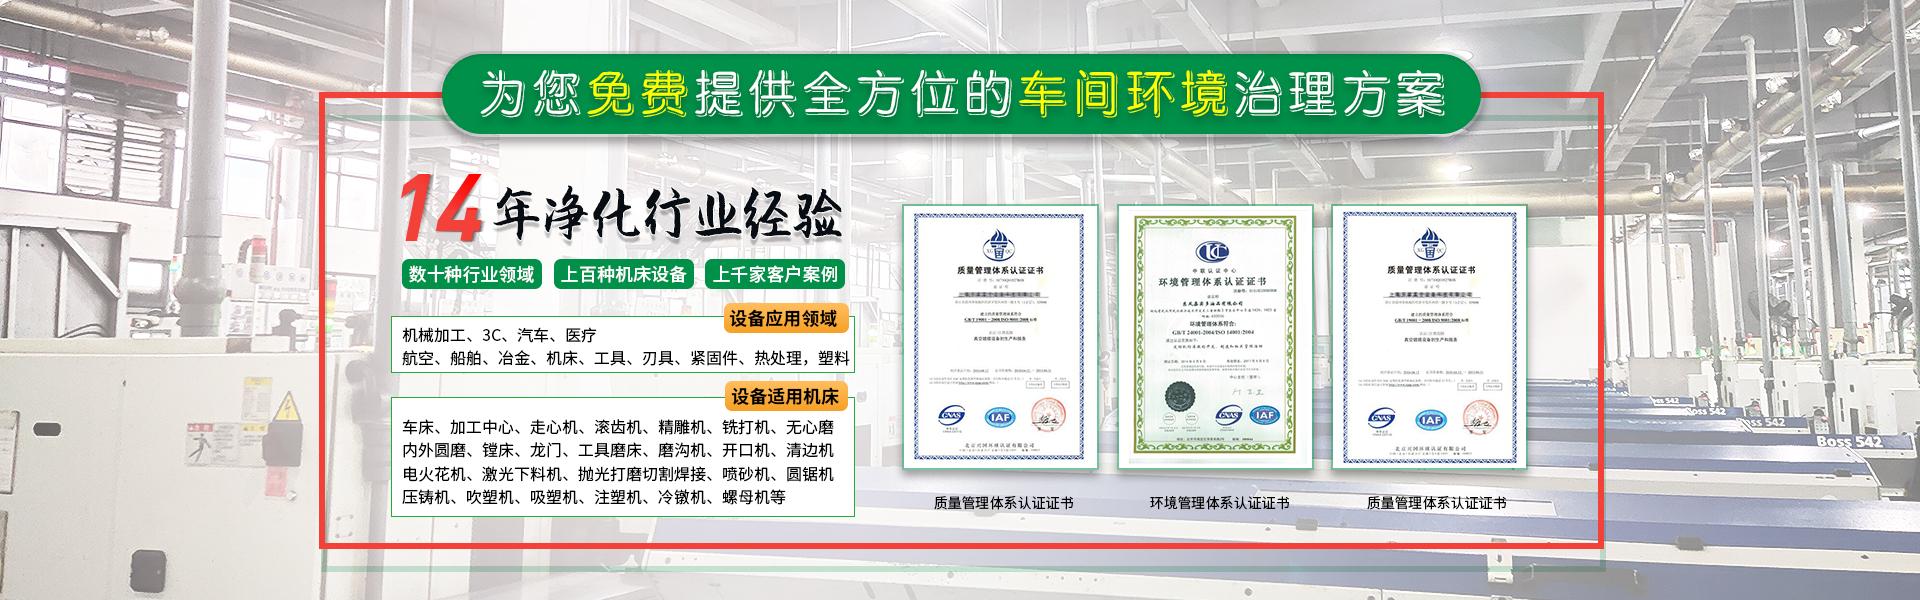 鑫聚晟环境工程(昆山)有限公司